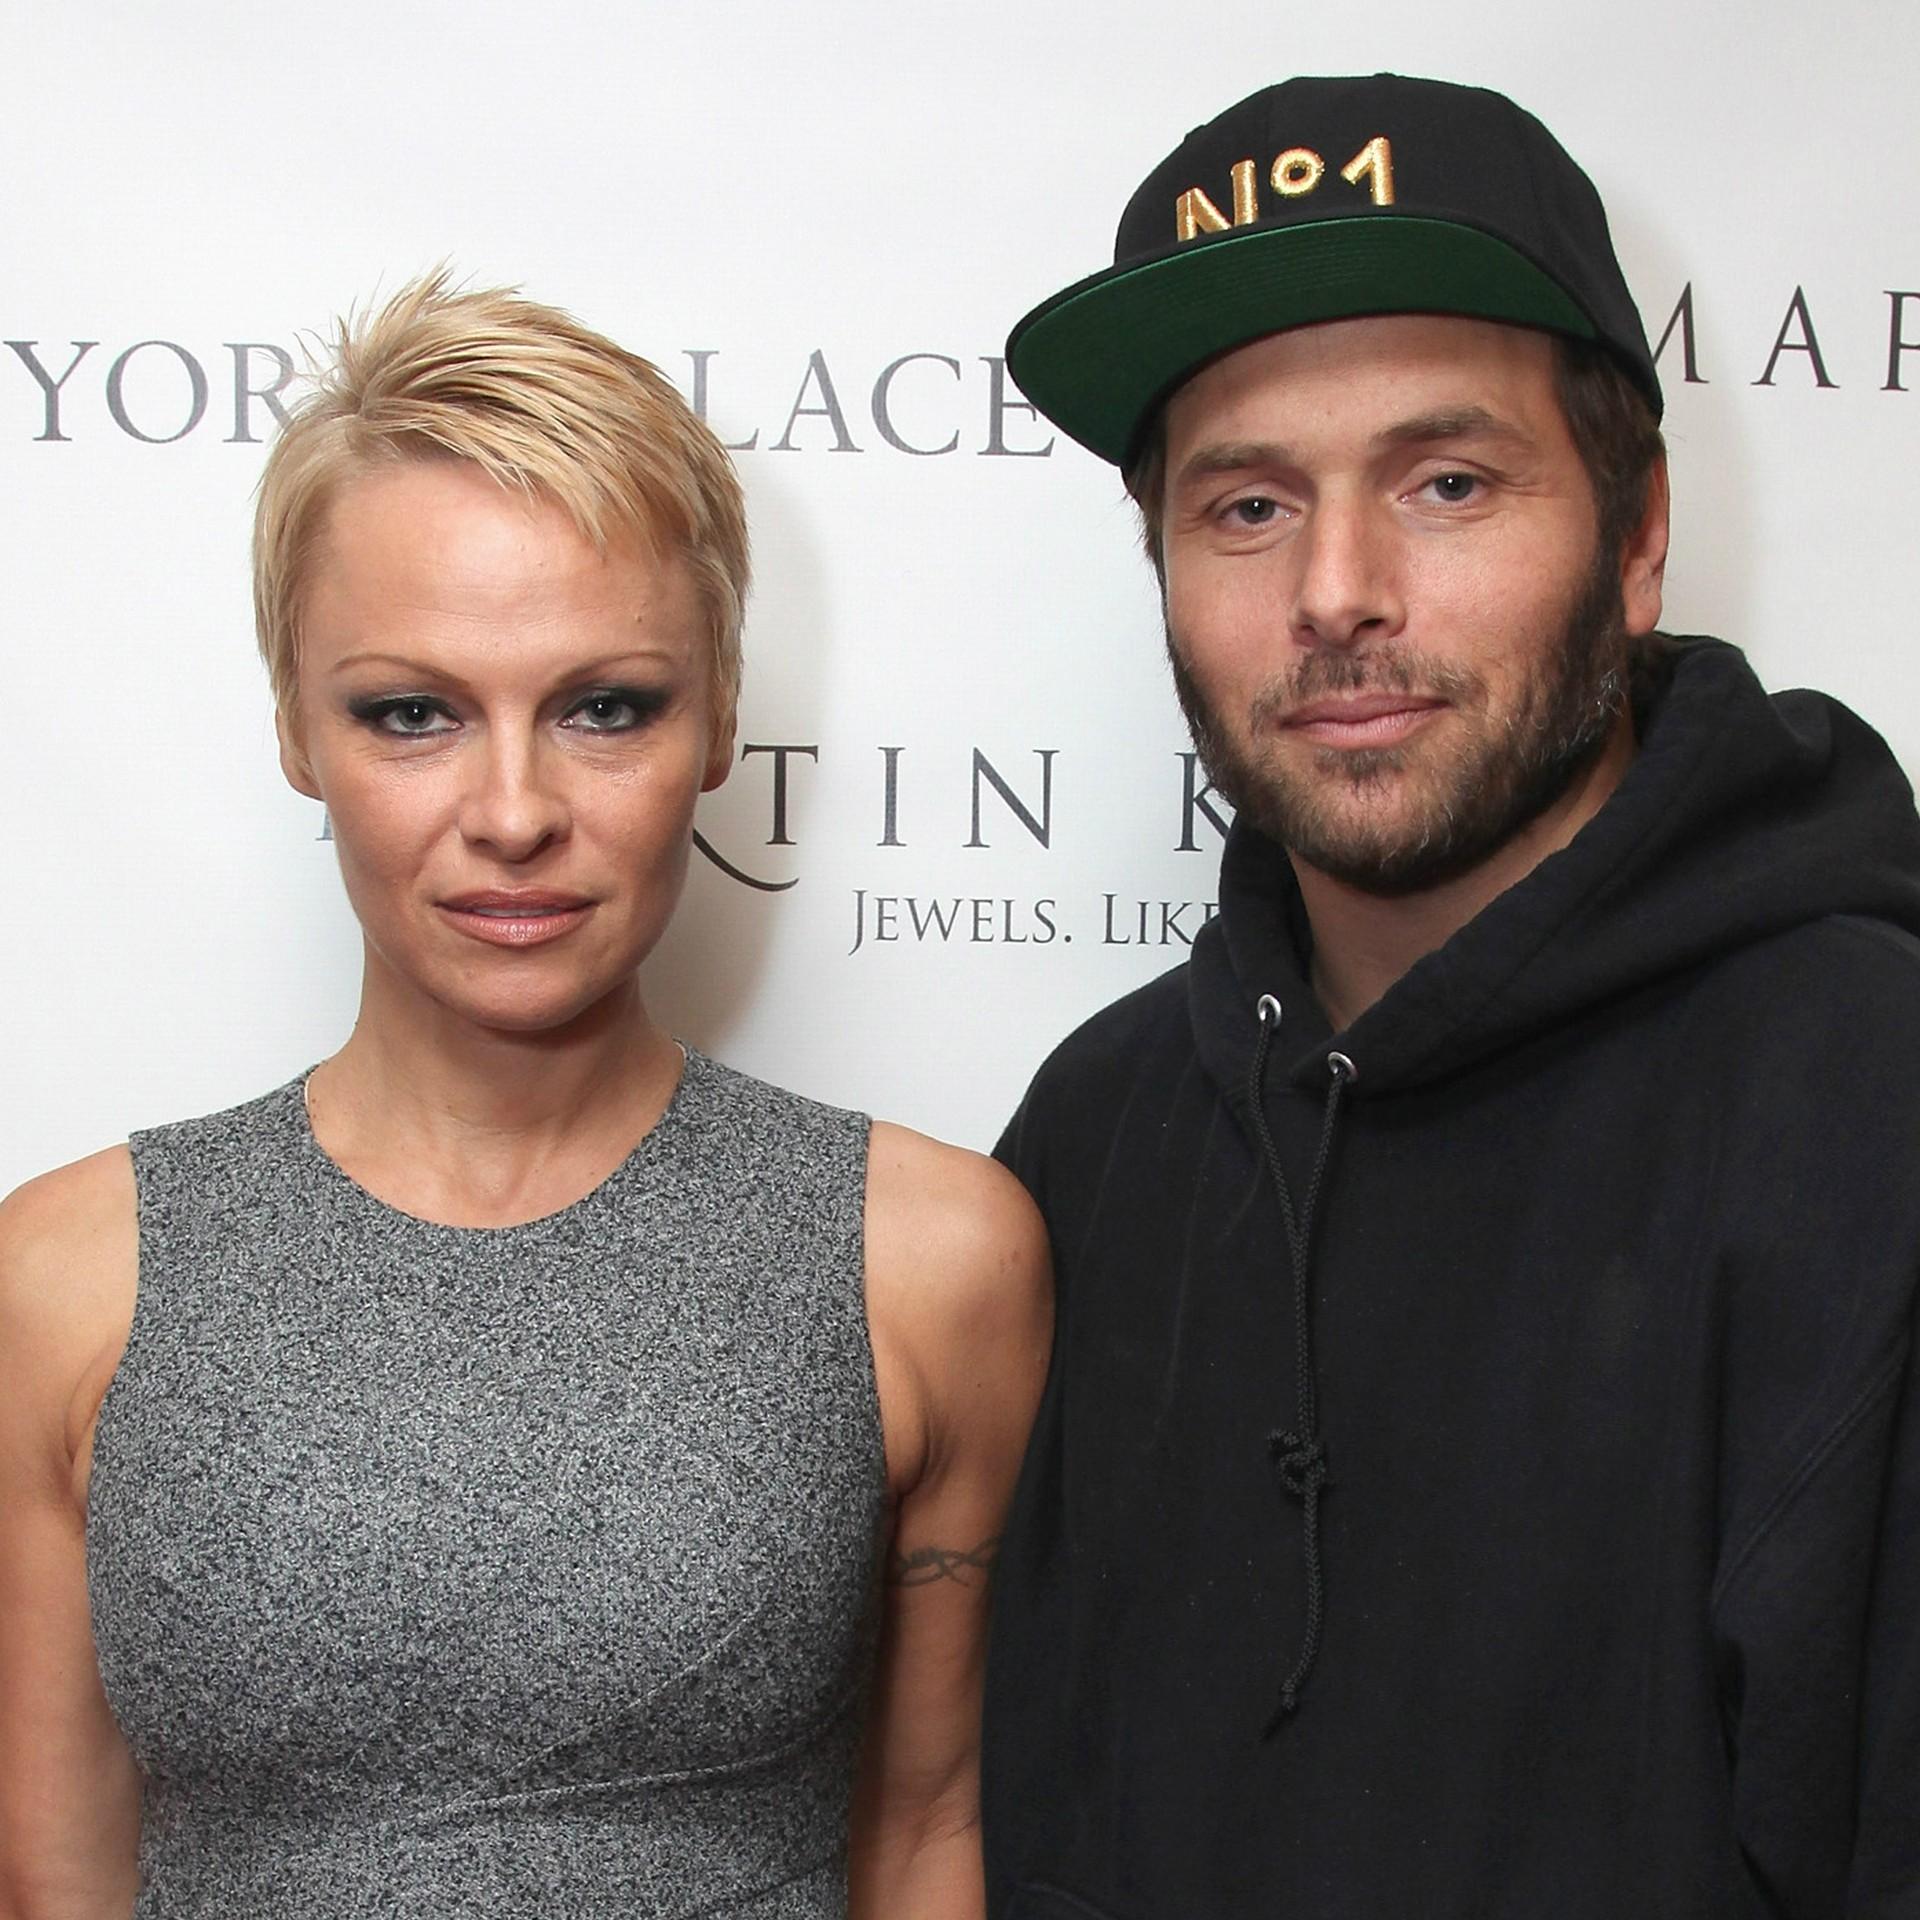 Pamela Anderson também se envolveu com um caçador de noivas famosas, Rick Salomon, conhecido por ter protagonizado a sex-tape de Paris Hilton. Anderson e Salomon se casaram em outubro de 2007 e iniciaram o processo para anular a união dois meses depois. (Foto: Getty Images)